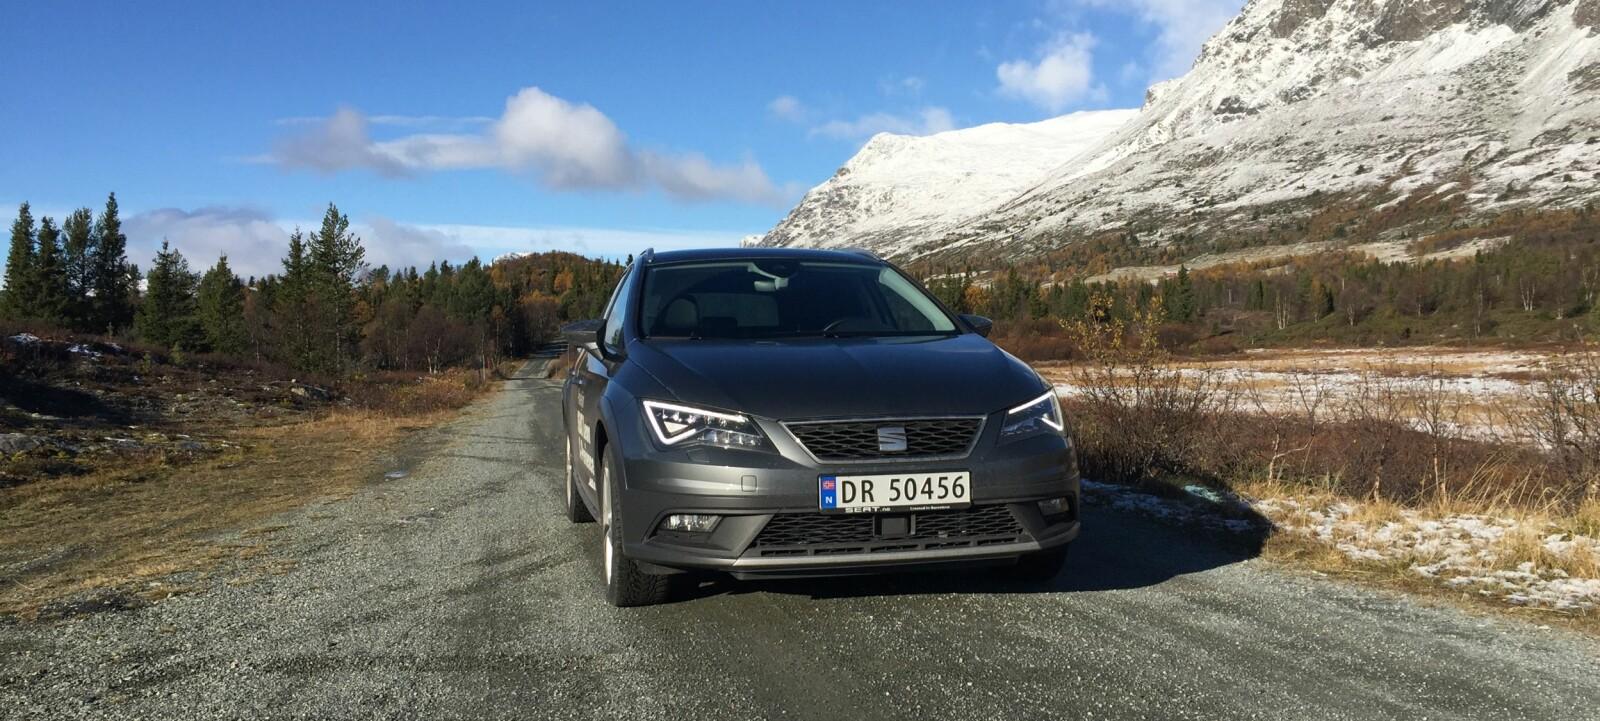 X-PERIENCE: Vi har prøvekjørt Seat Leon X-perience. Det er en utmerket bil for norske forhold, men mangler rette drivlinjer og føles noe aldrende.